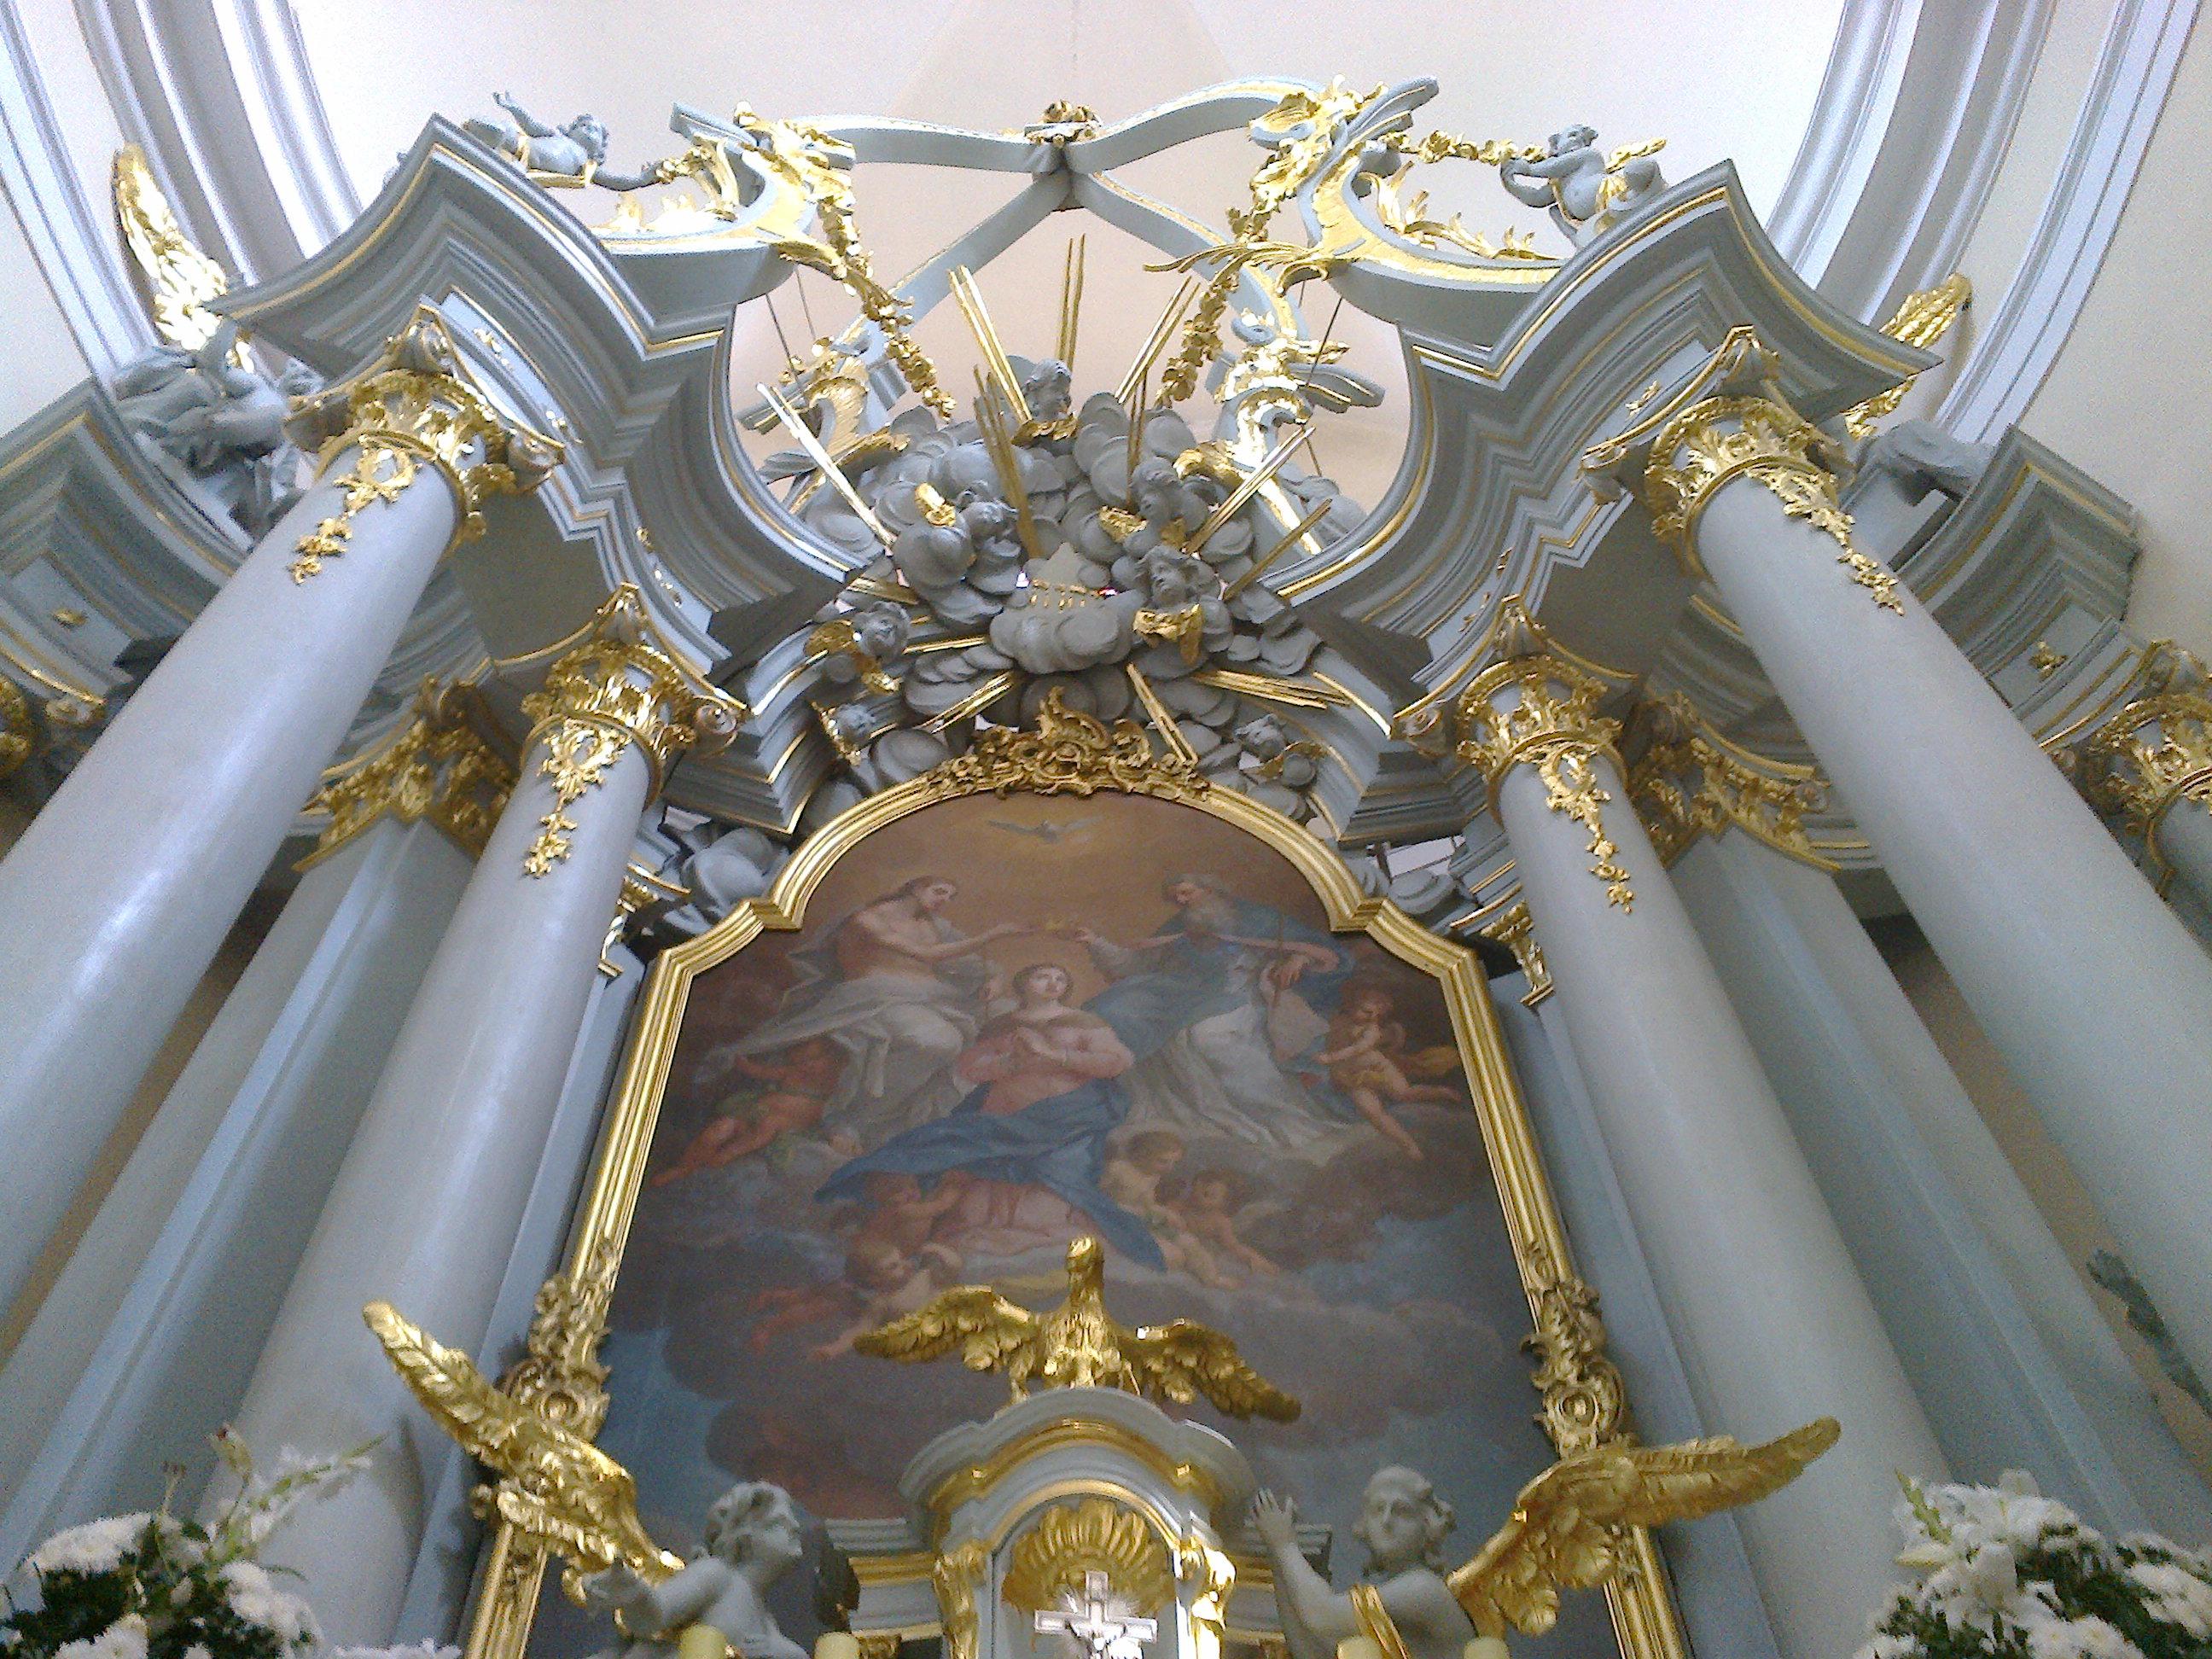 Zwieńczenie barokowego ołtarza z tetragramem - hebrajskim imieniem Boga יהוה